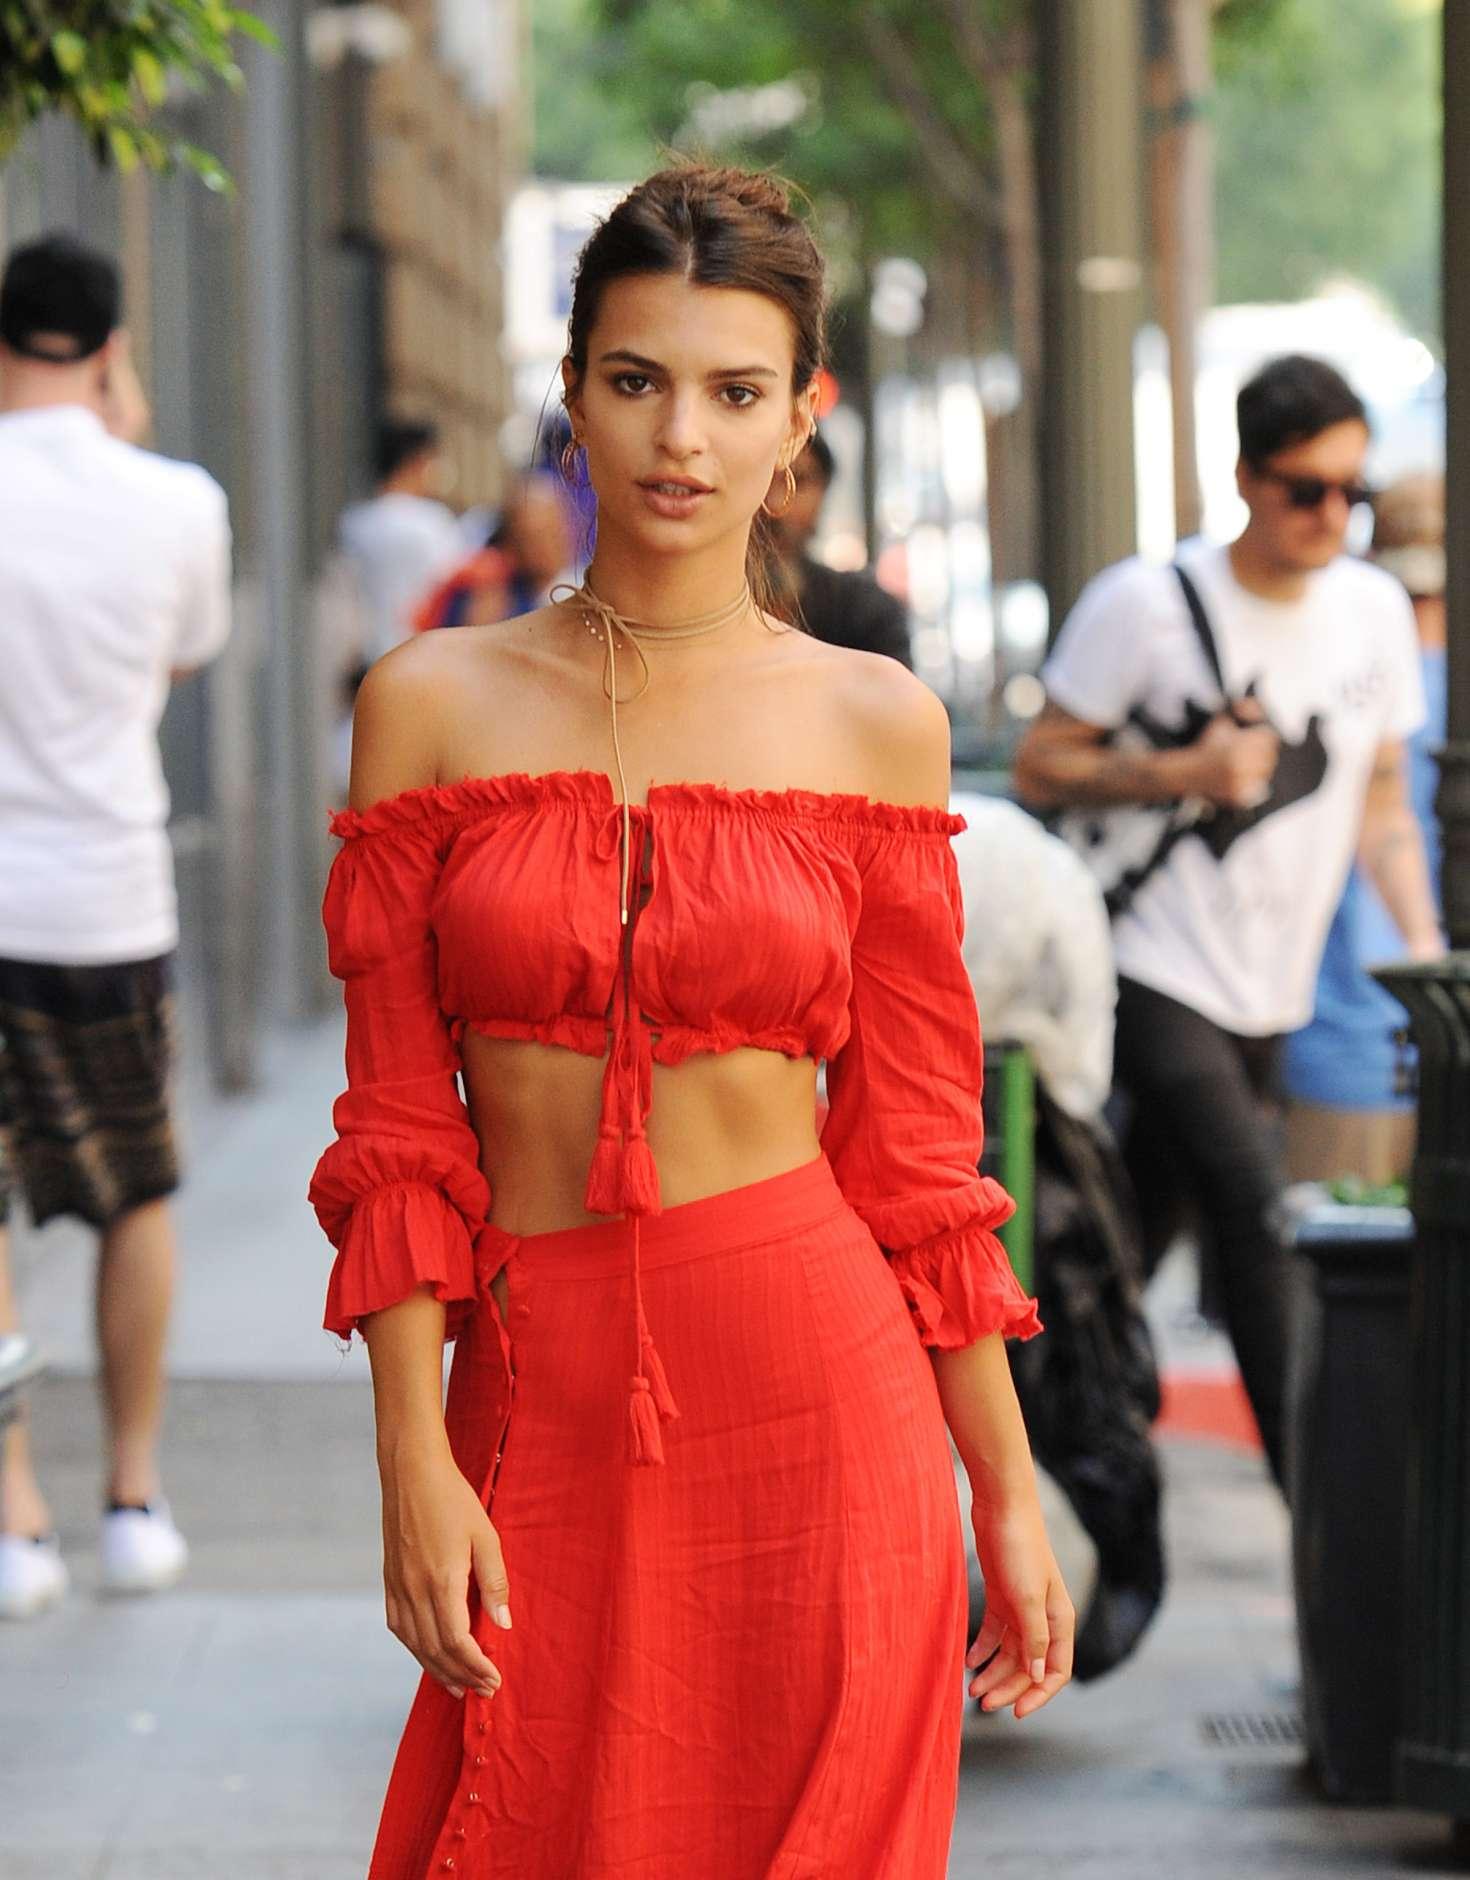 Emily Ratajkowski In Red Dress 12 Gotceleb